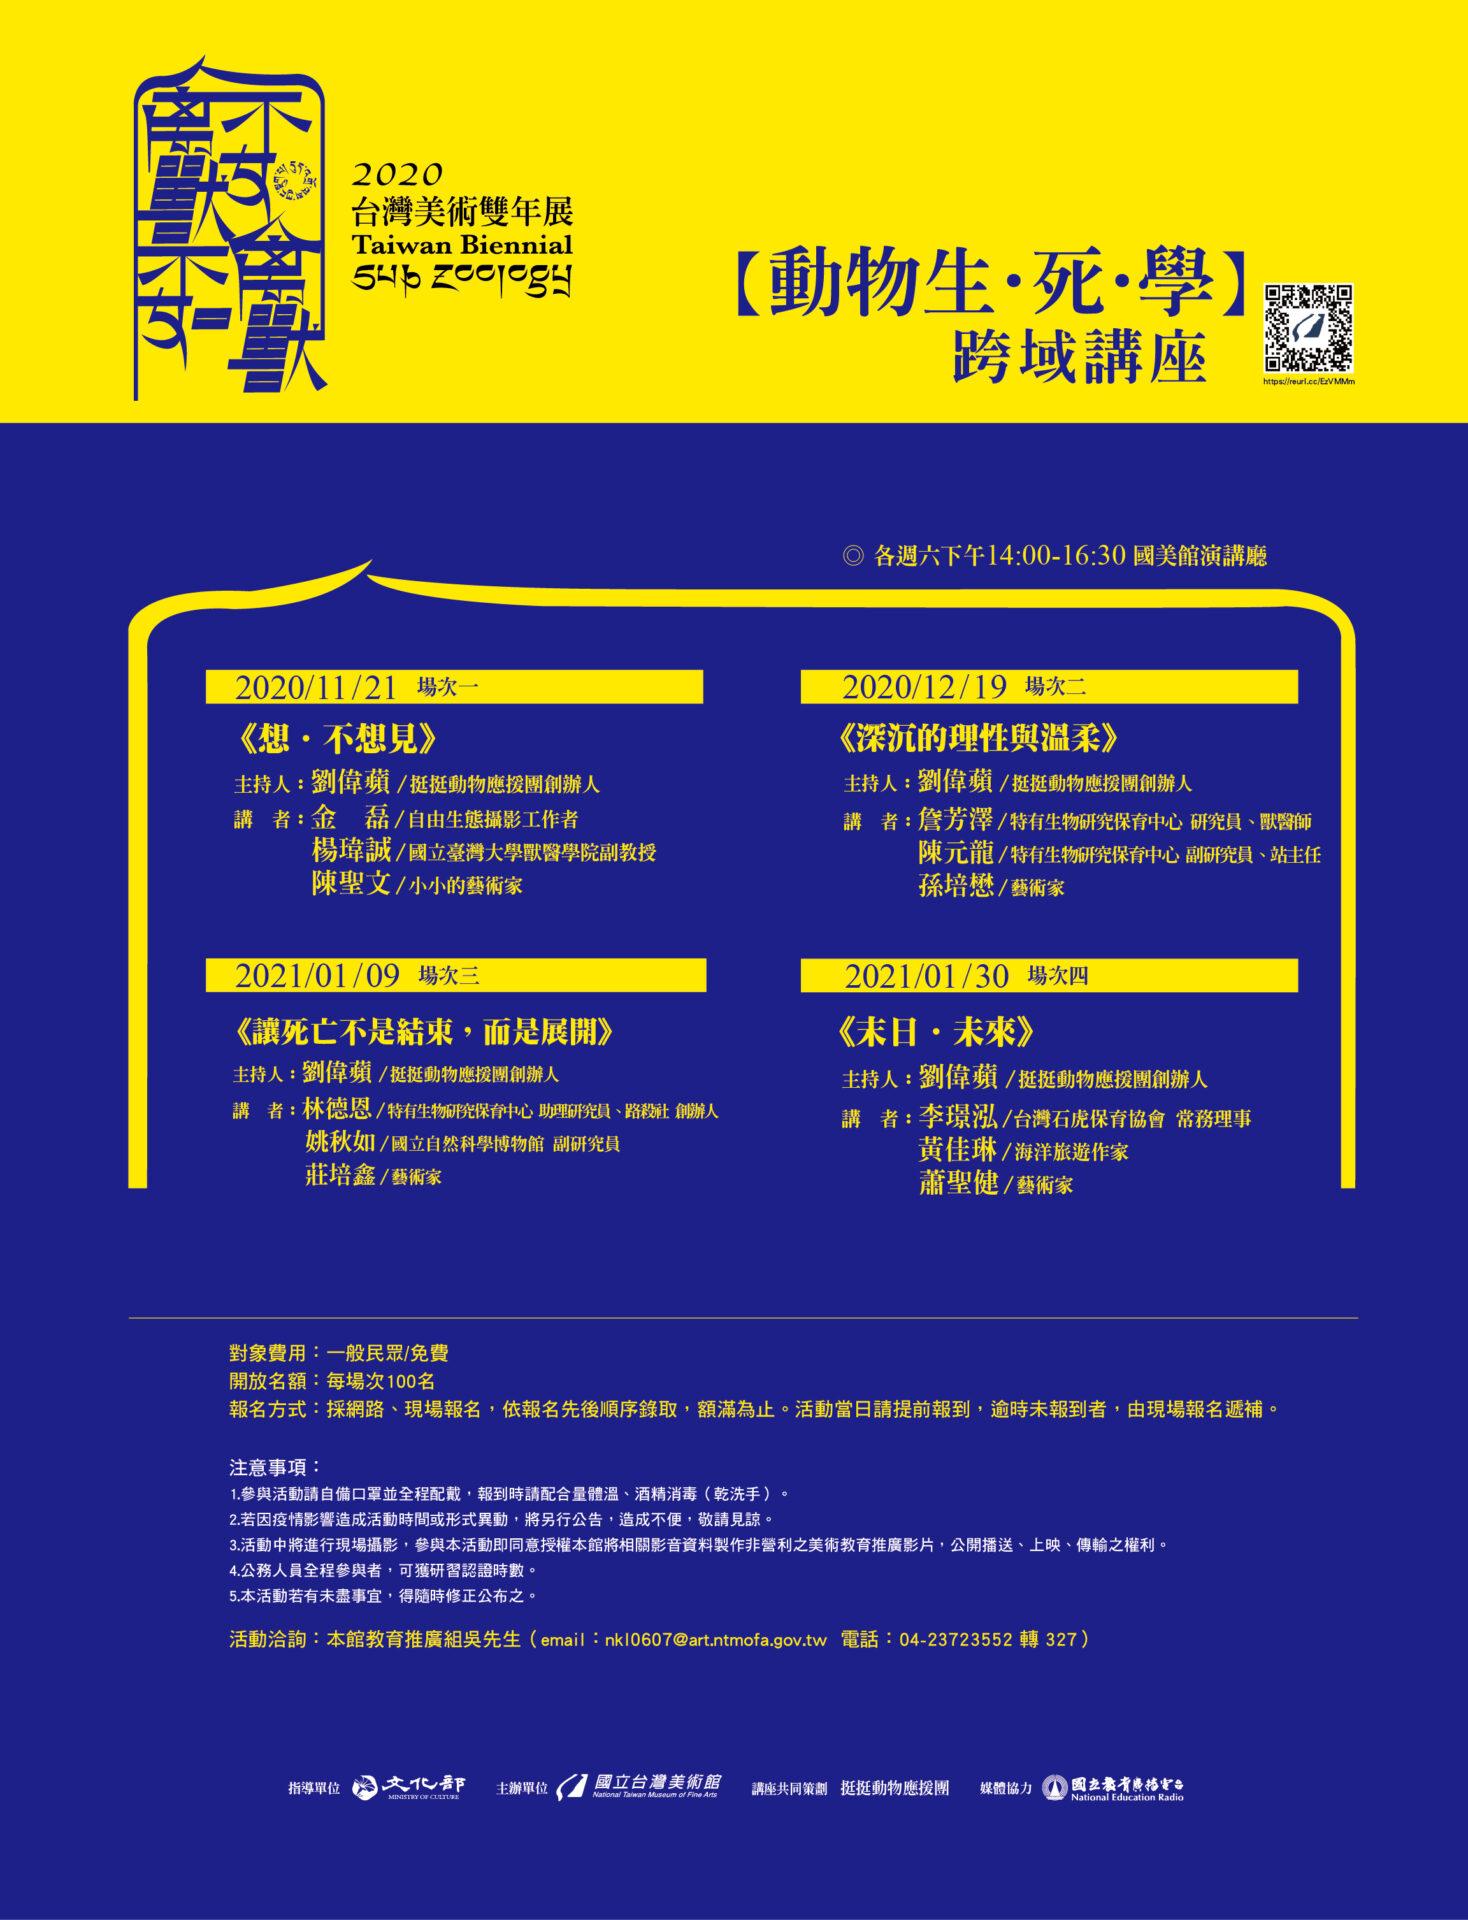 國立台灣美術館:2020/11/21-2021/01/30 2020台灣美術雙年展–【動物生.死.學】跨域講座系列活動